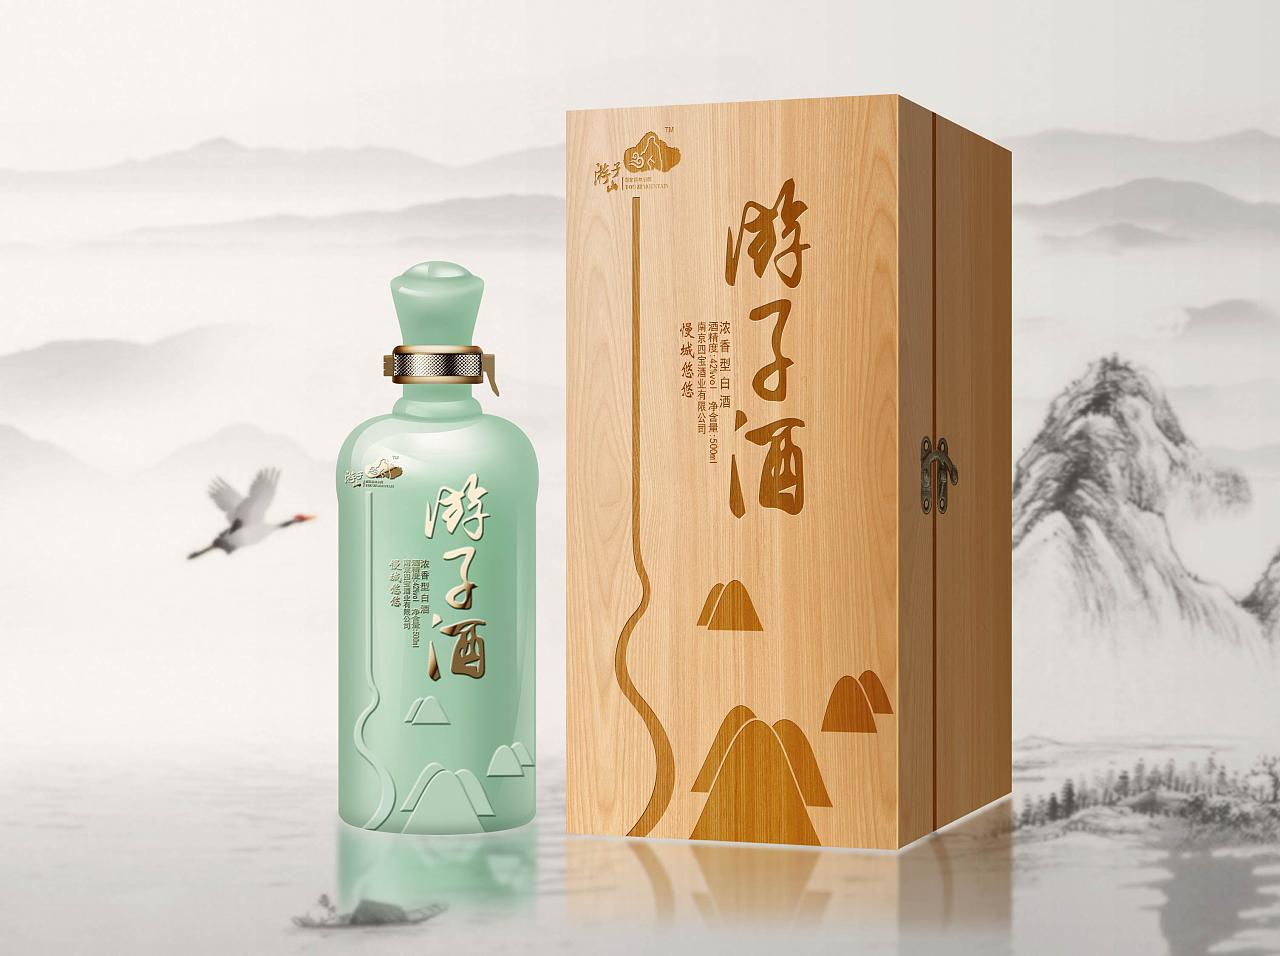 白酒包装设计|平面|包装|fang达 - 原创作品 - 站酷图片